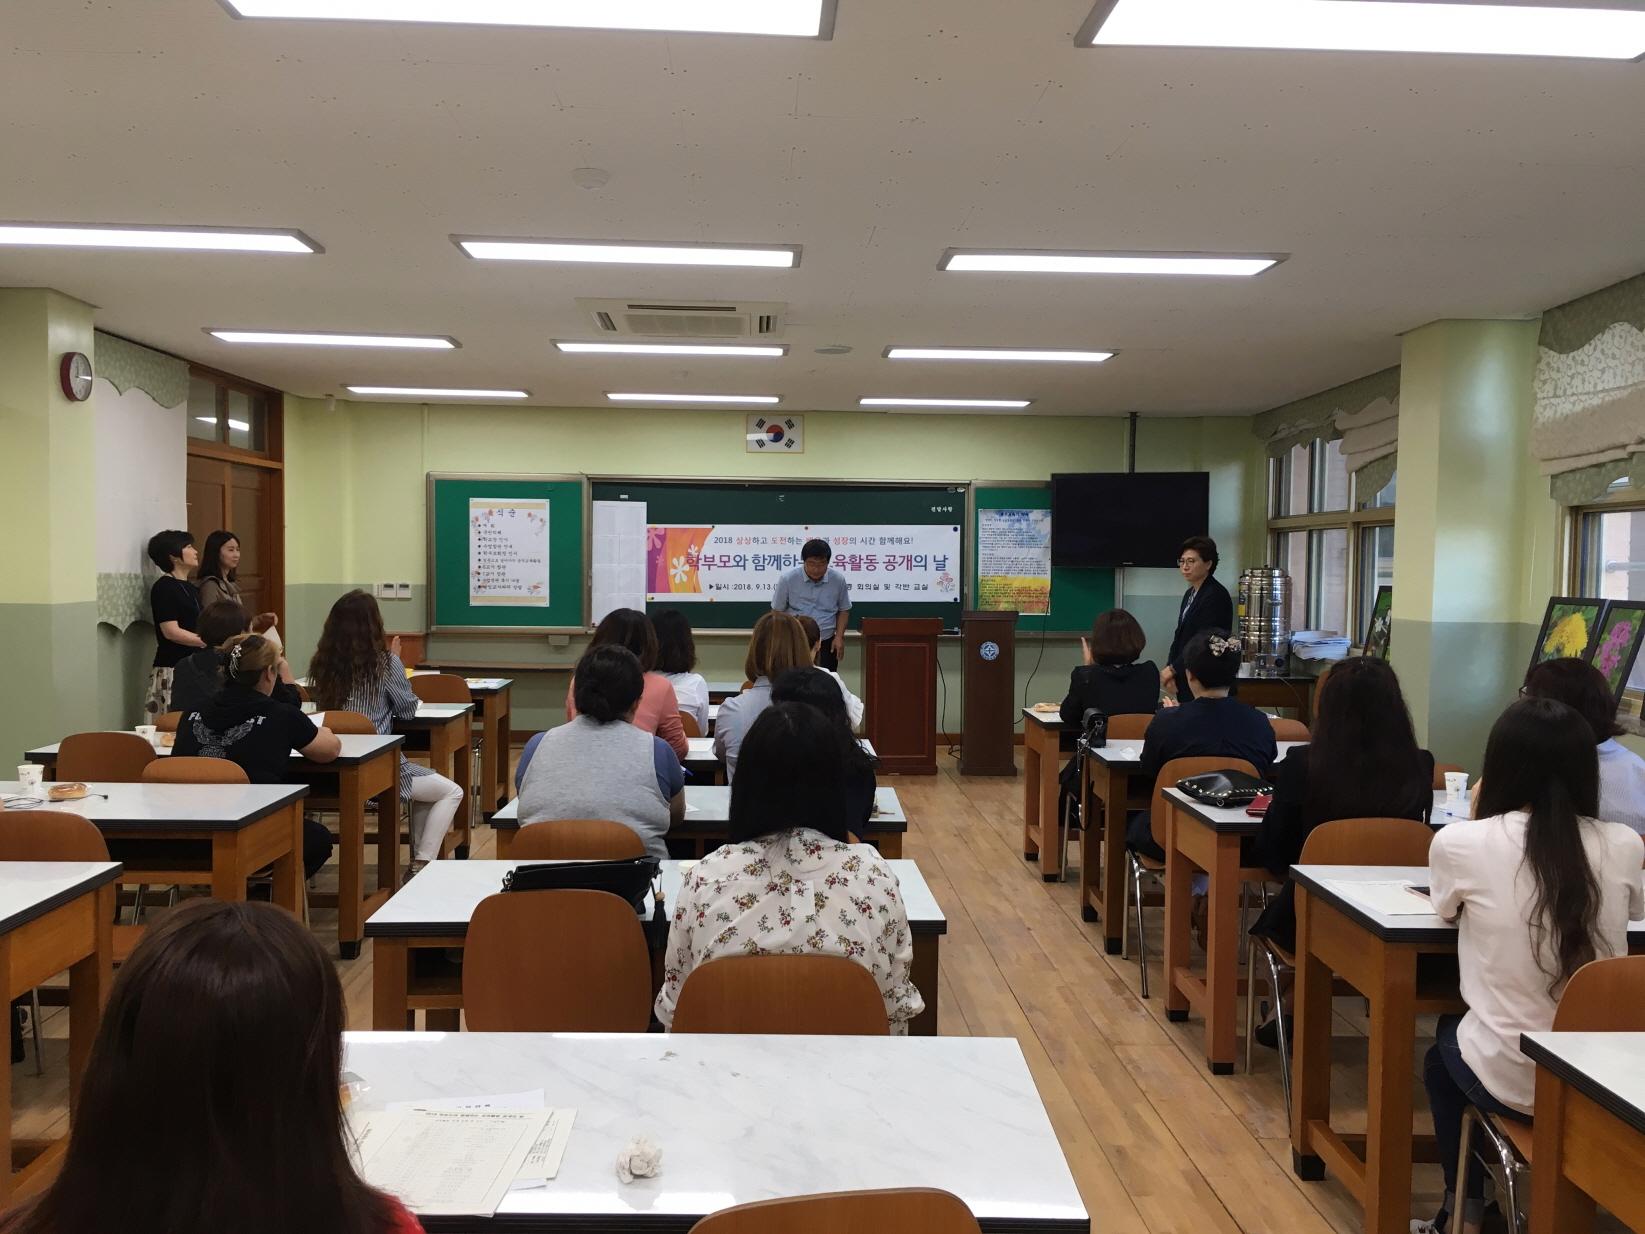 [일반] 2018학년도 2학기 학부모와 함께하는 교육활동 공개의 날의 첨부이미지 1